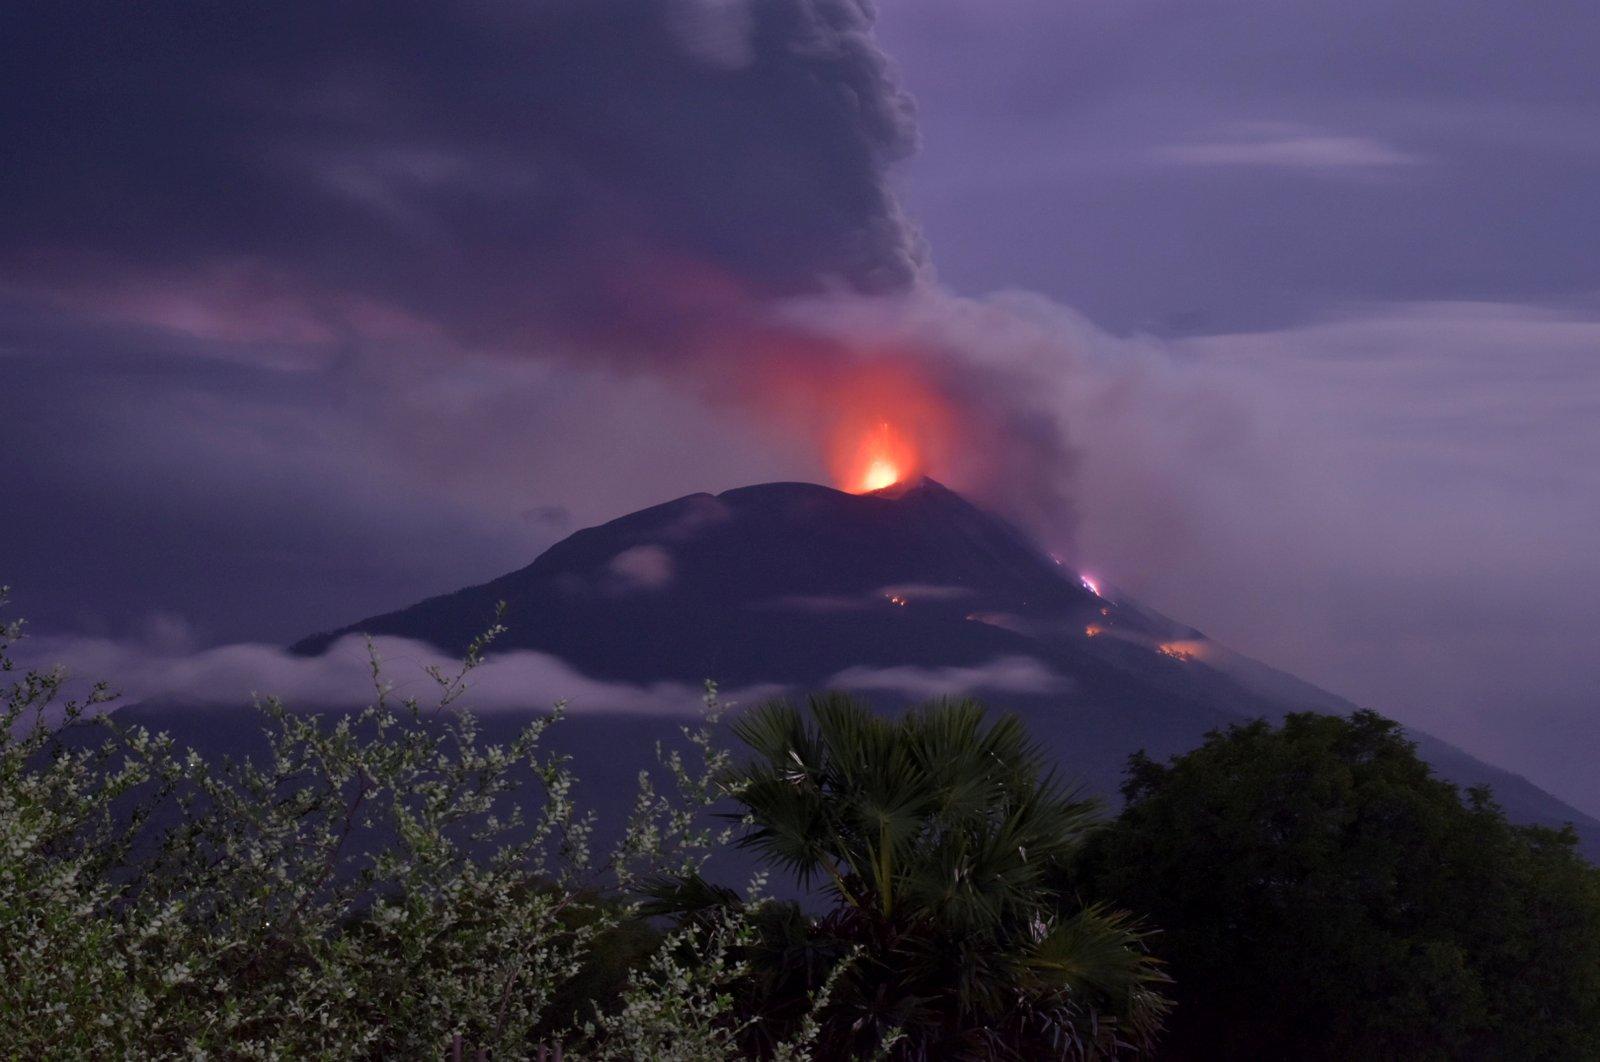 An eruption of Mount Ile Lewotolok is seen in Lembata, East Nusa Tenggara Province, Indonesia Nov. 29, 2020. (Antara Foto/Aken Udjan via Reuters)